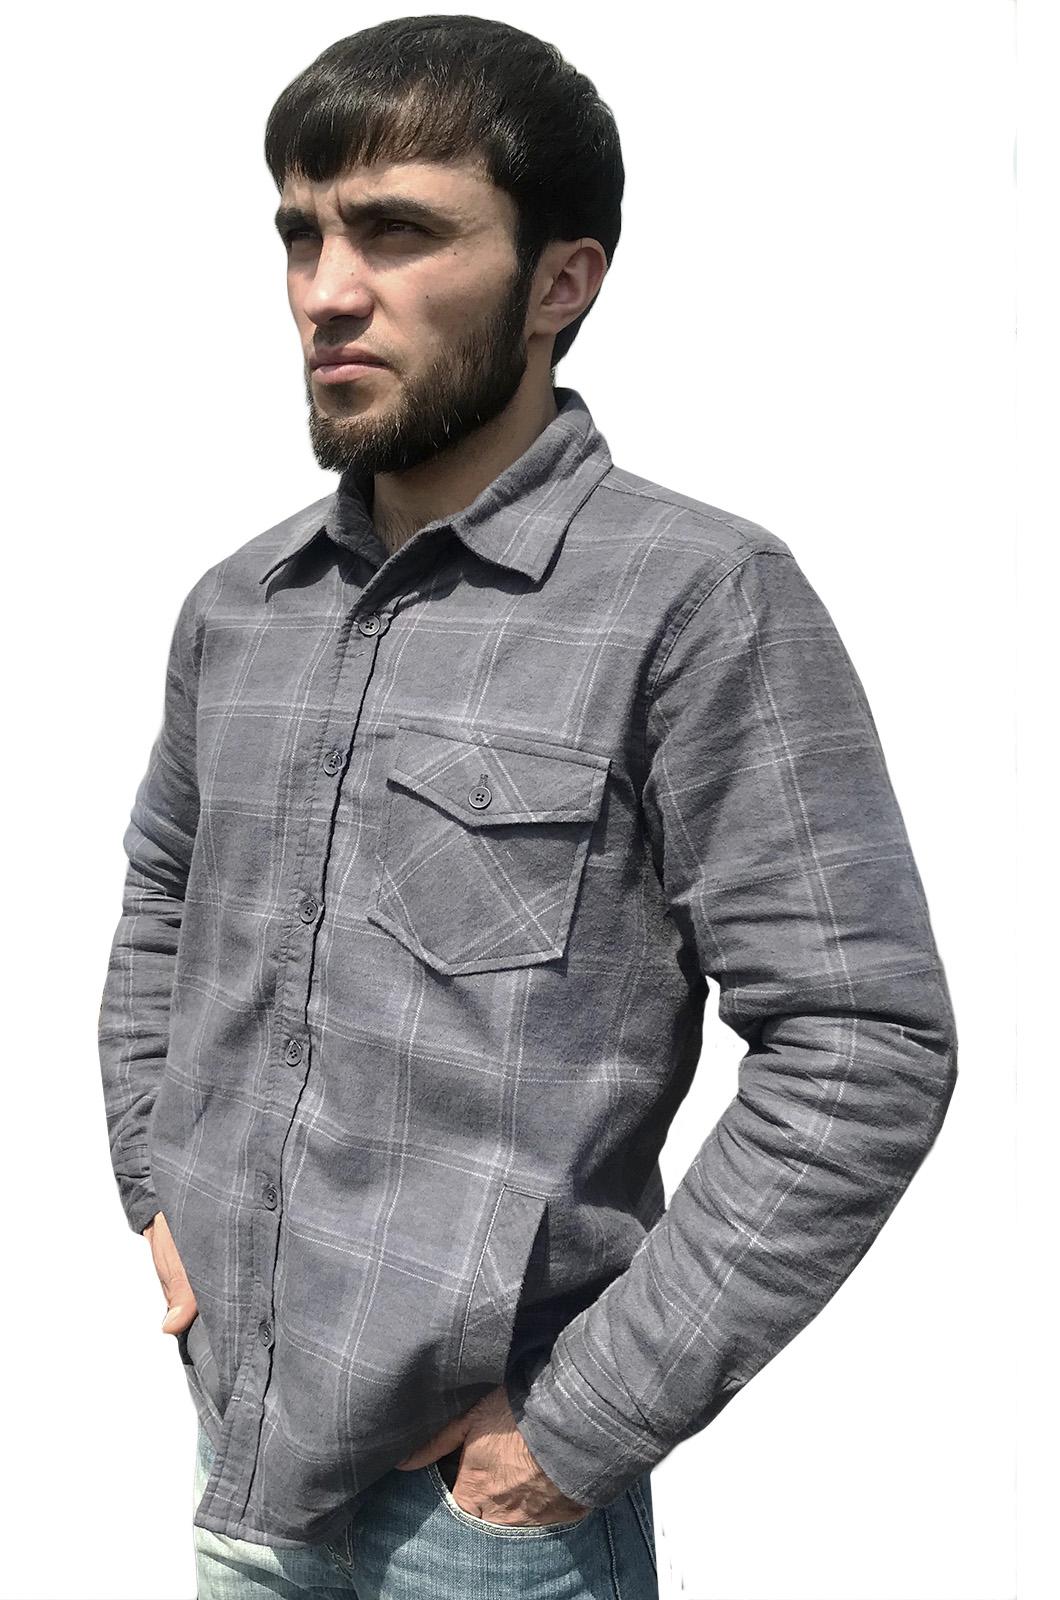 Надежная рубашка с вышитым шевроном Донской Казачьей - купить онлайн